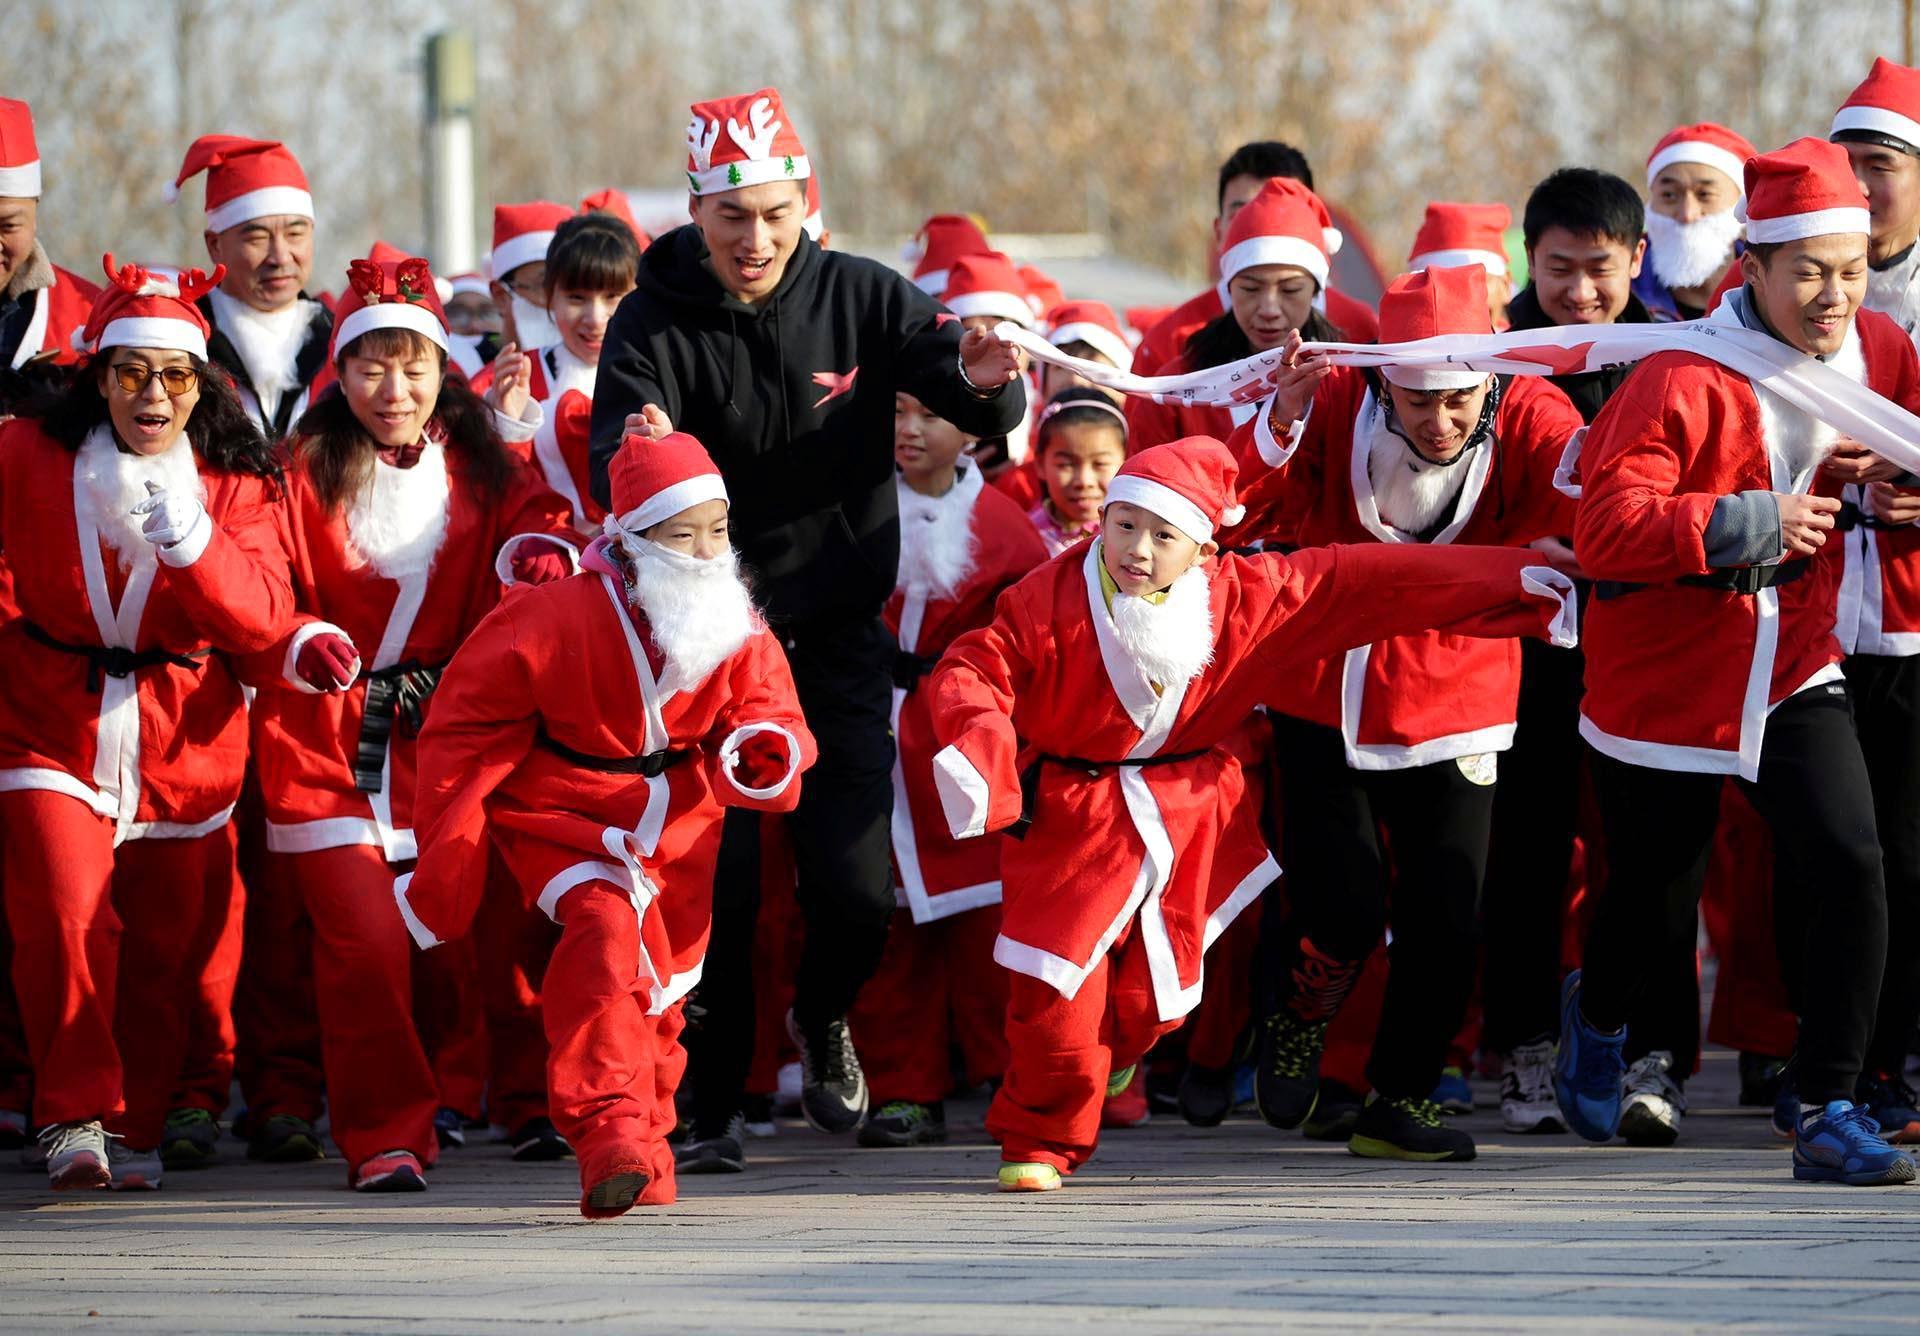 Pienimmät pukit starttasivat eturivistä Pekingin joulupukkijuoksussa.